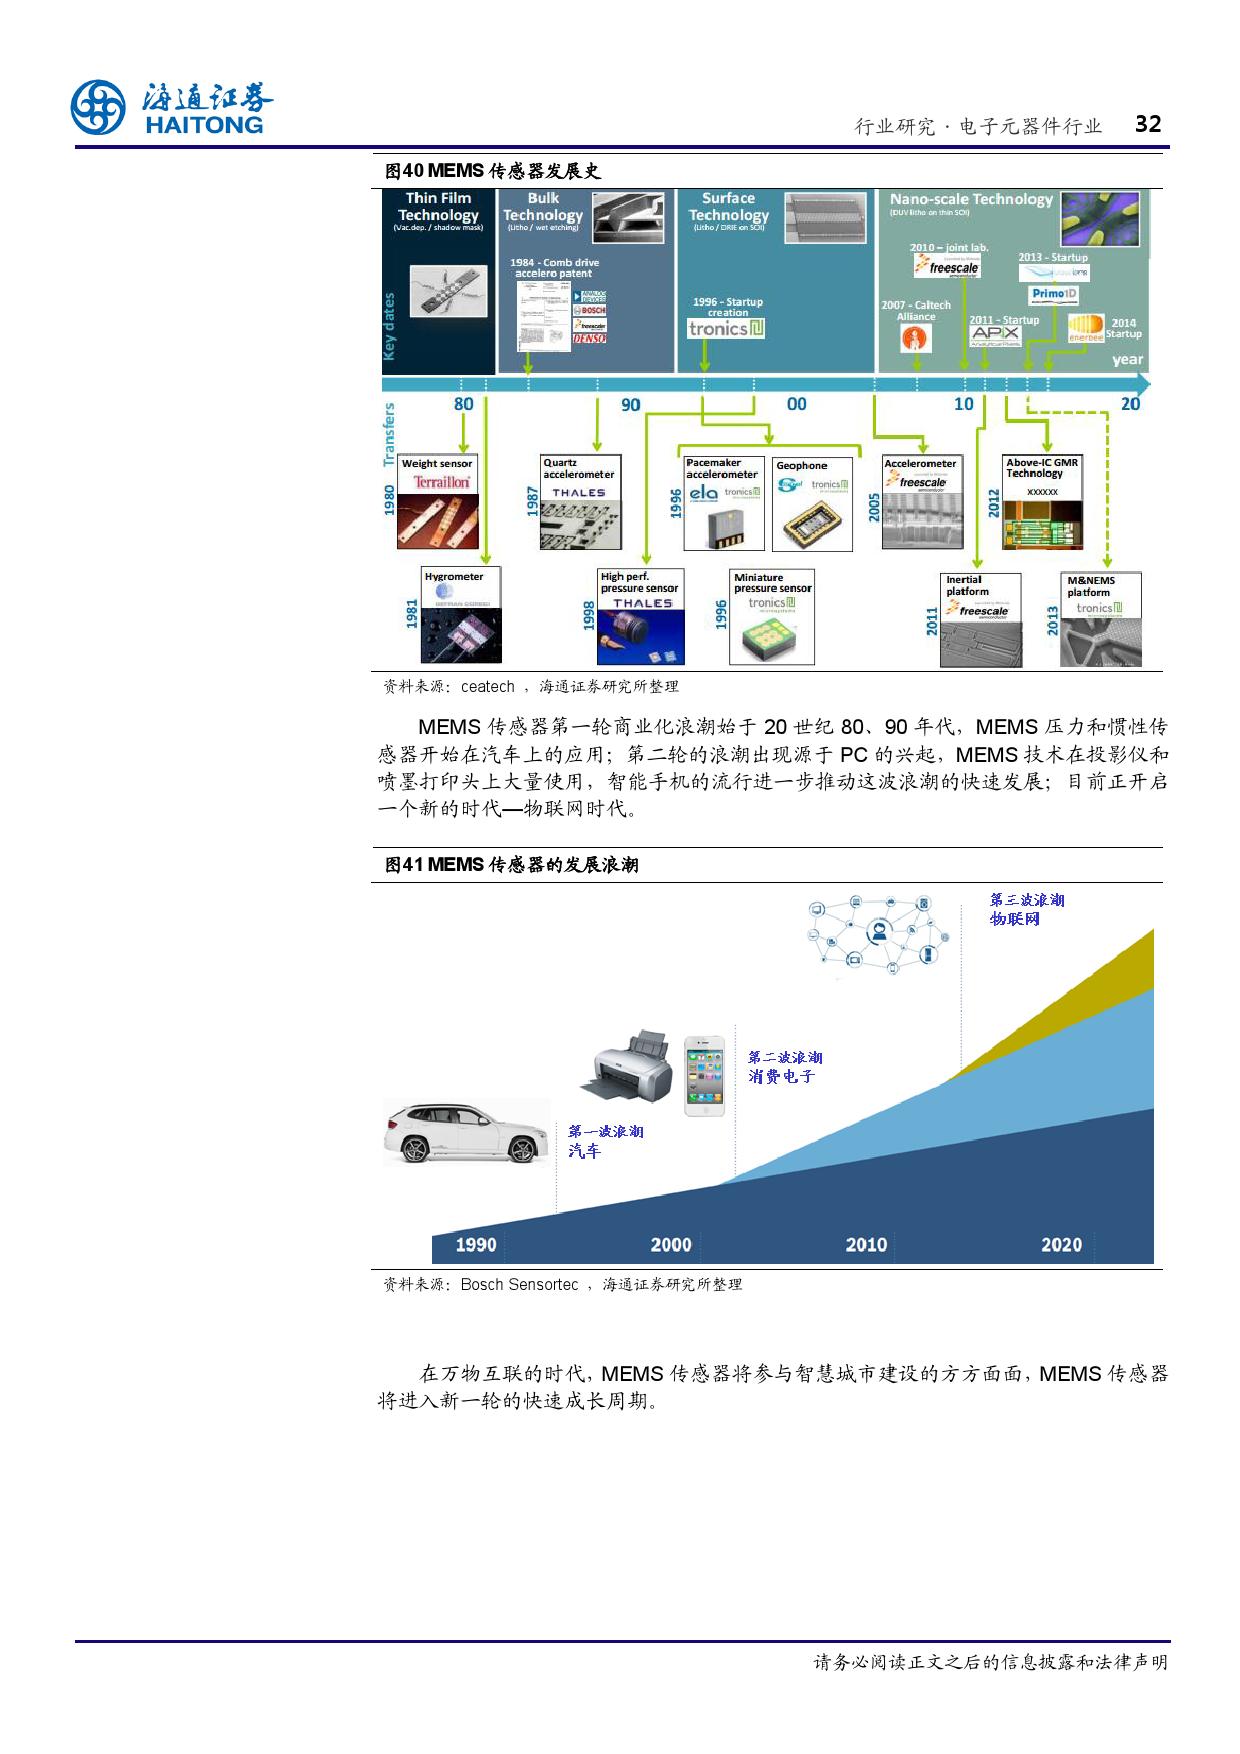 报告全解传感器全球产业链_000032